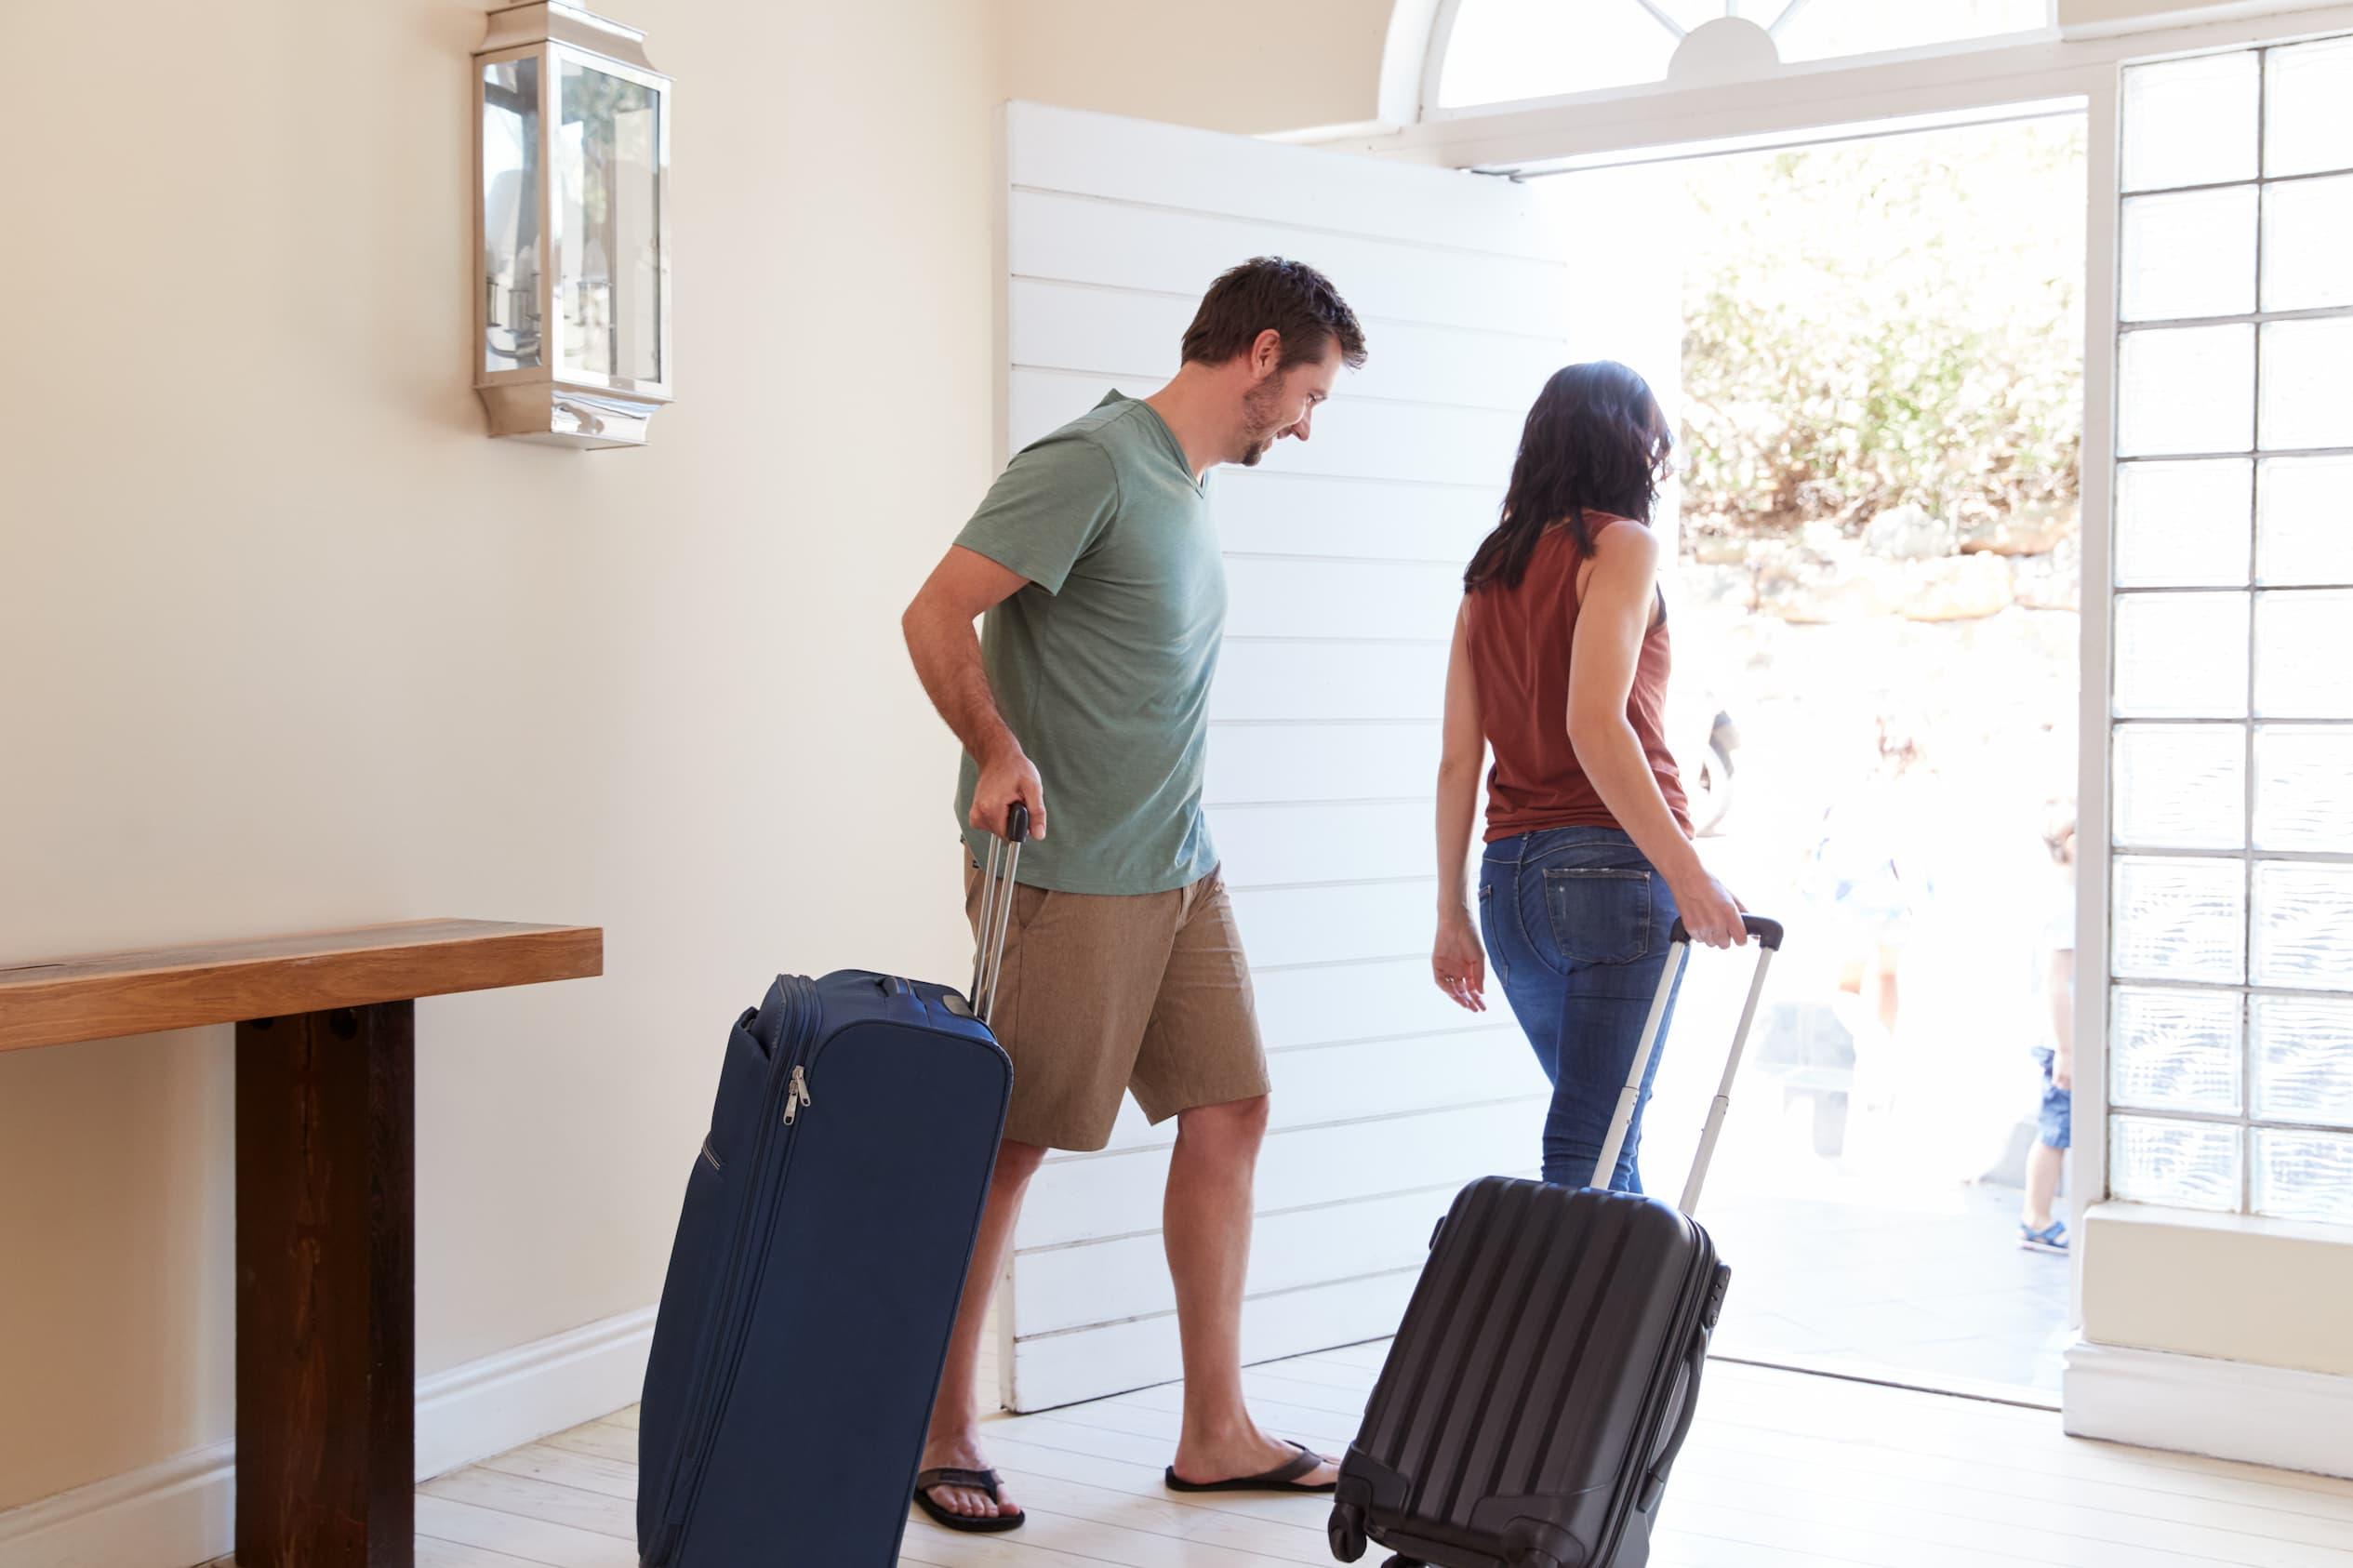 Astuces pour partir en vacances l'esprit tranquille | Energreen